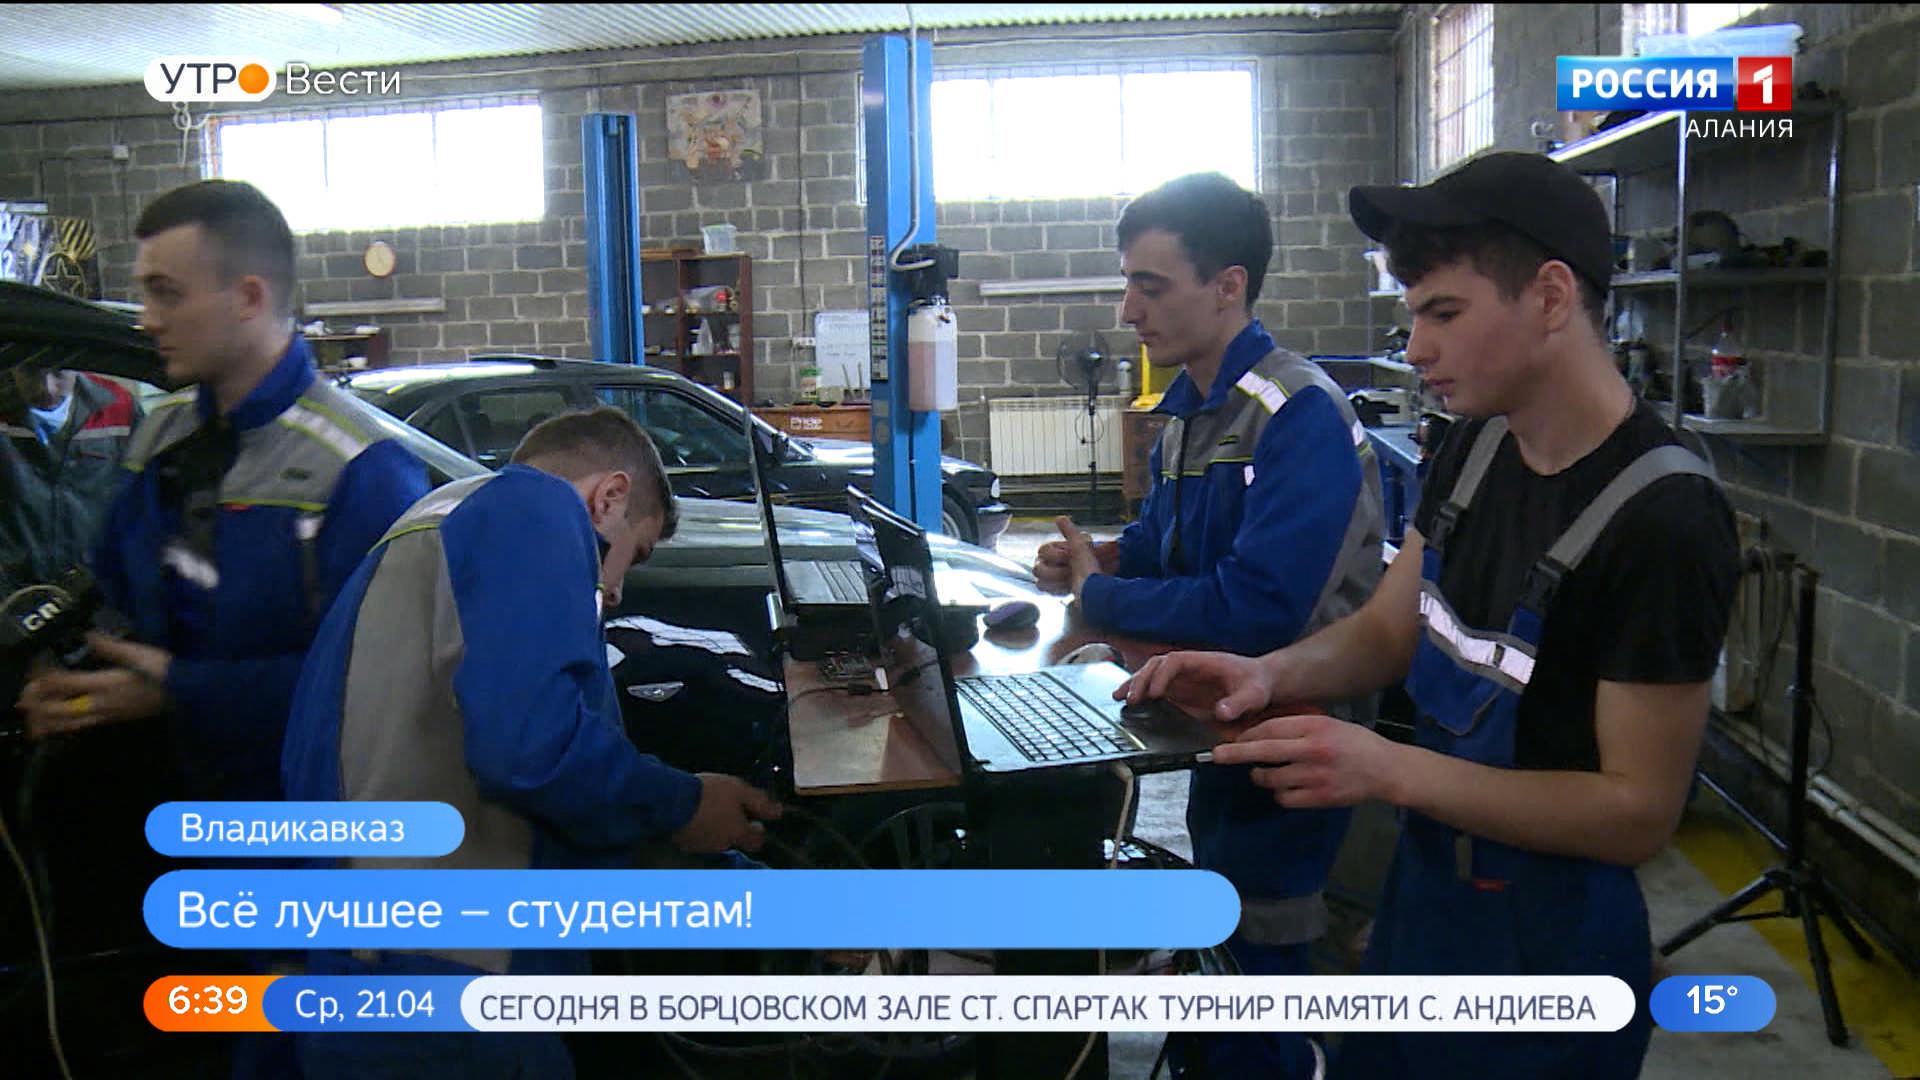 Предприниматель подарил ГМТ помещение и оборудование для занятий будущих автомехаников